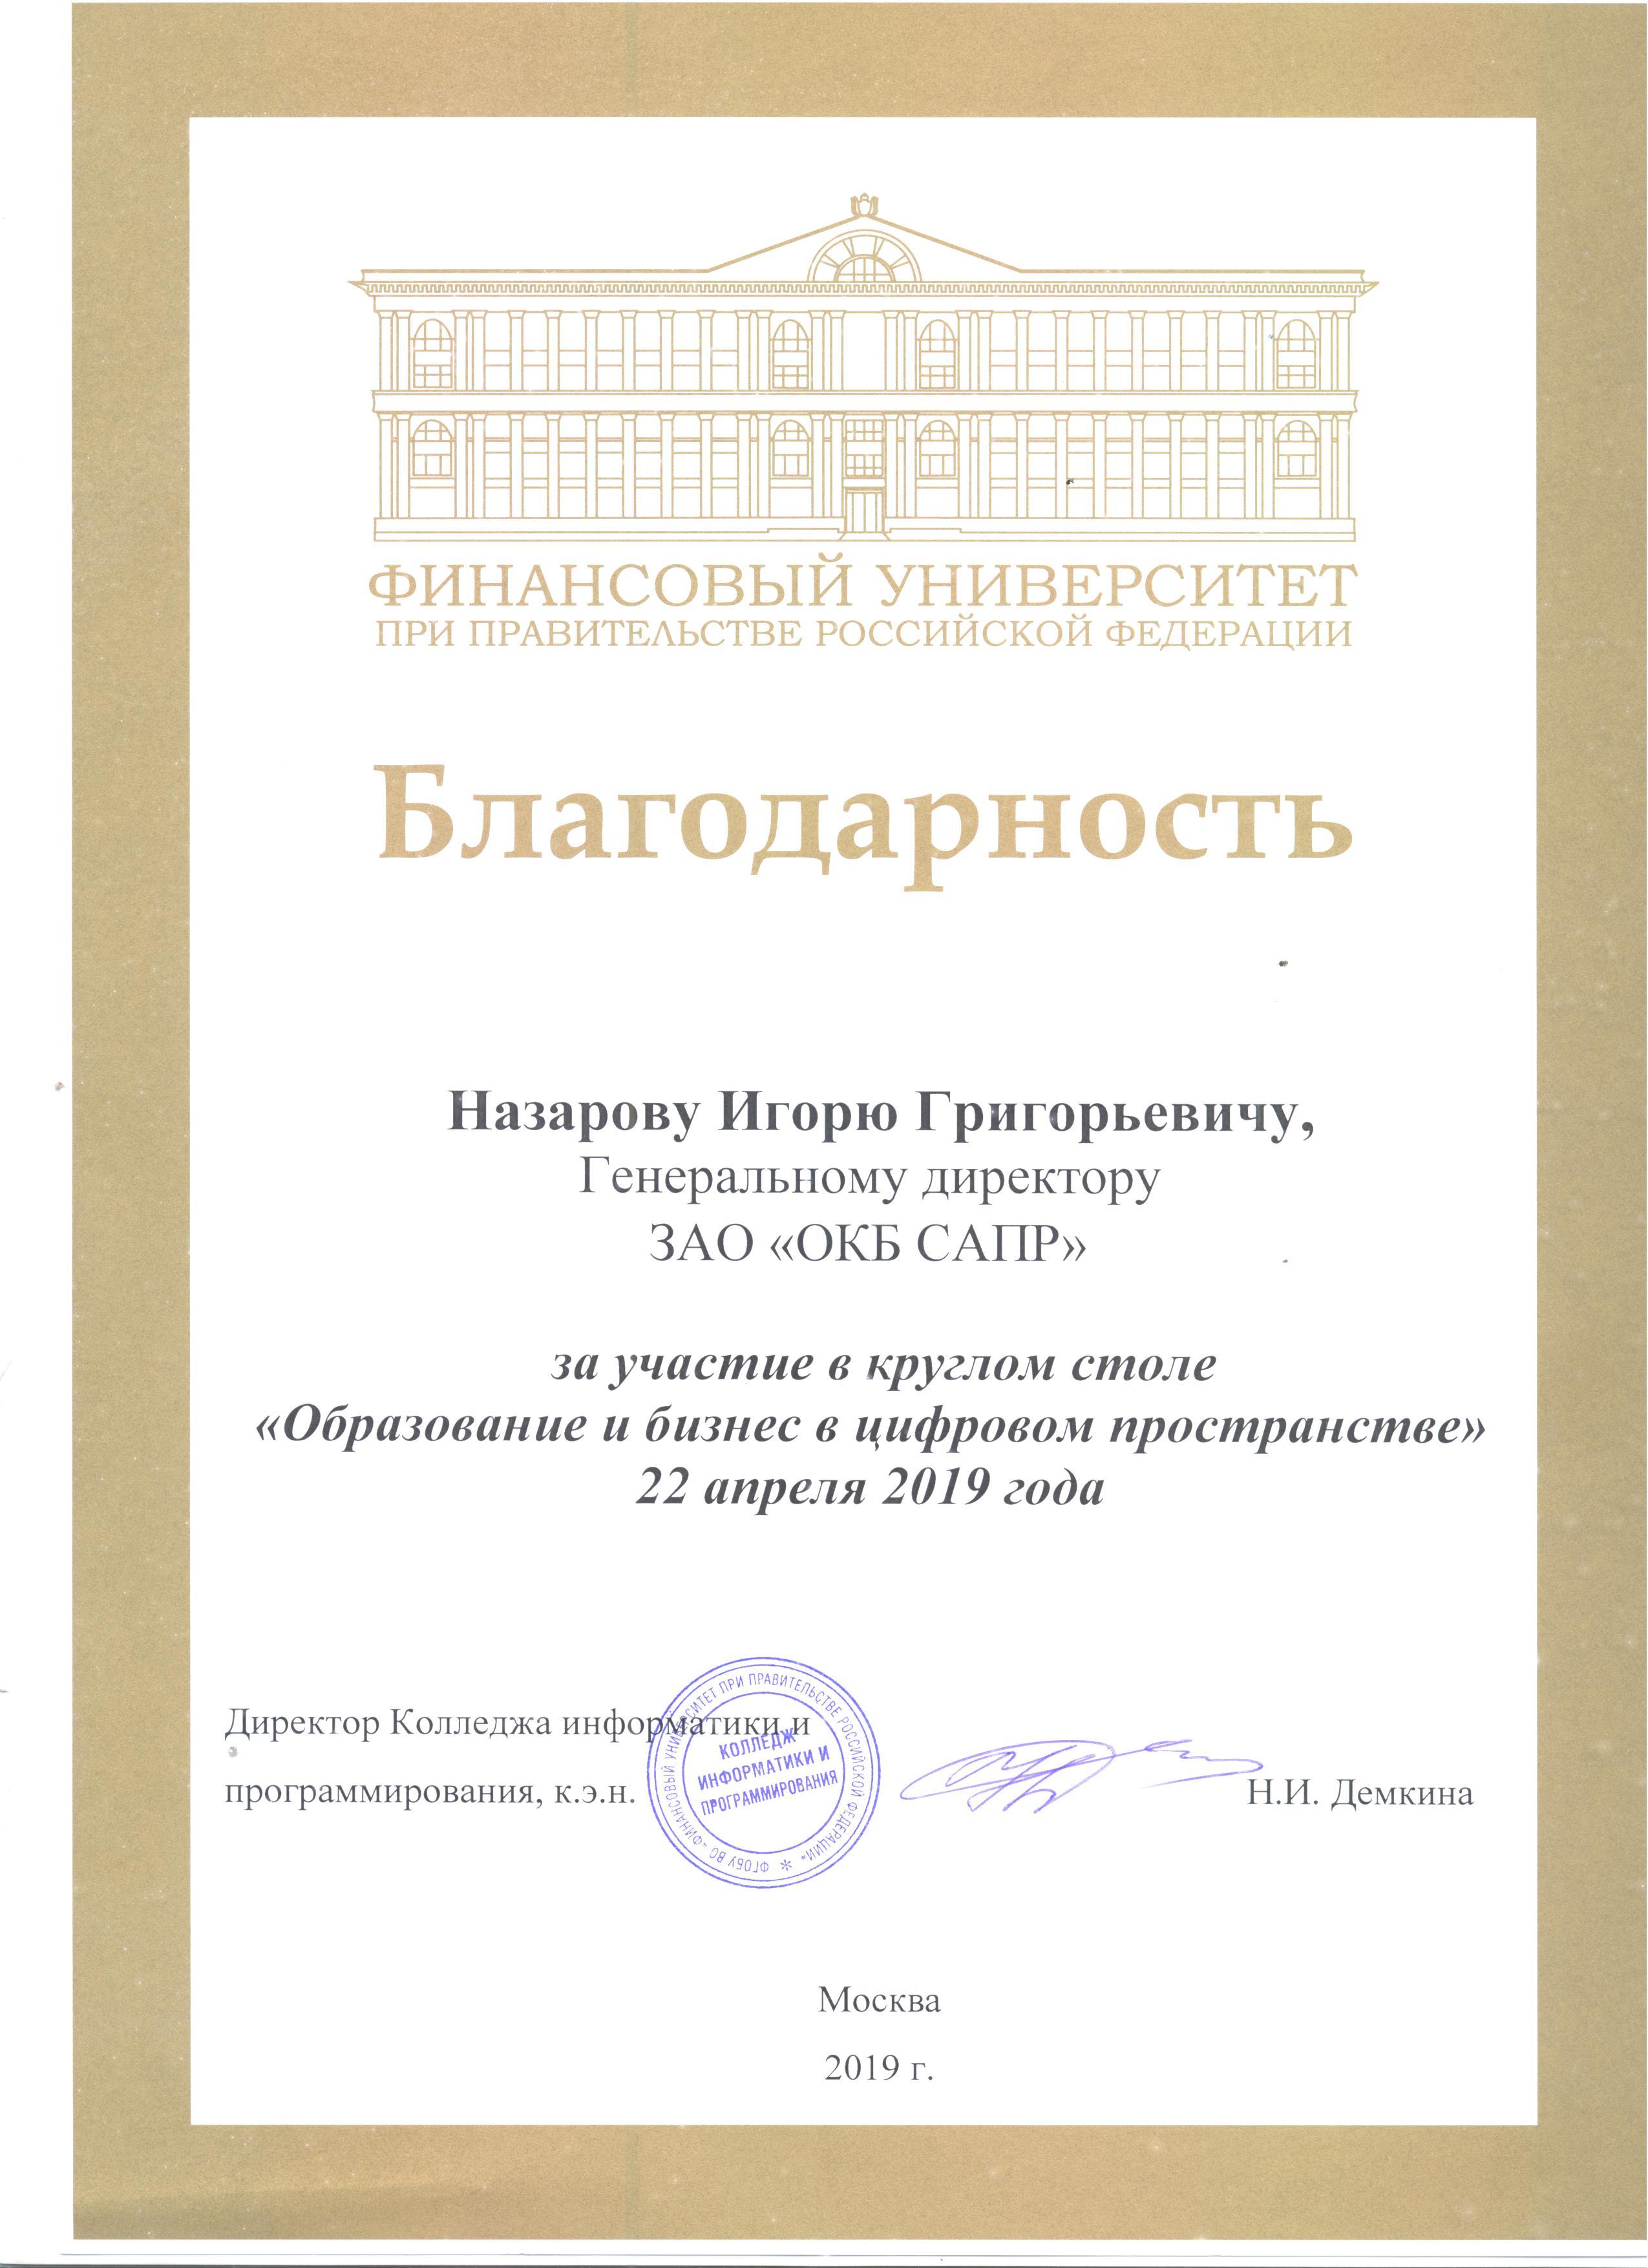 Благодарность И. Г. Назарову